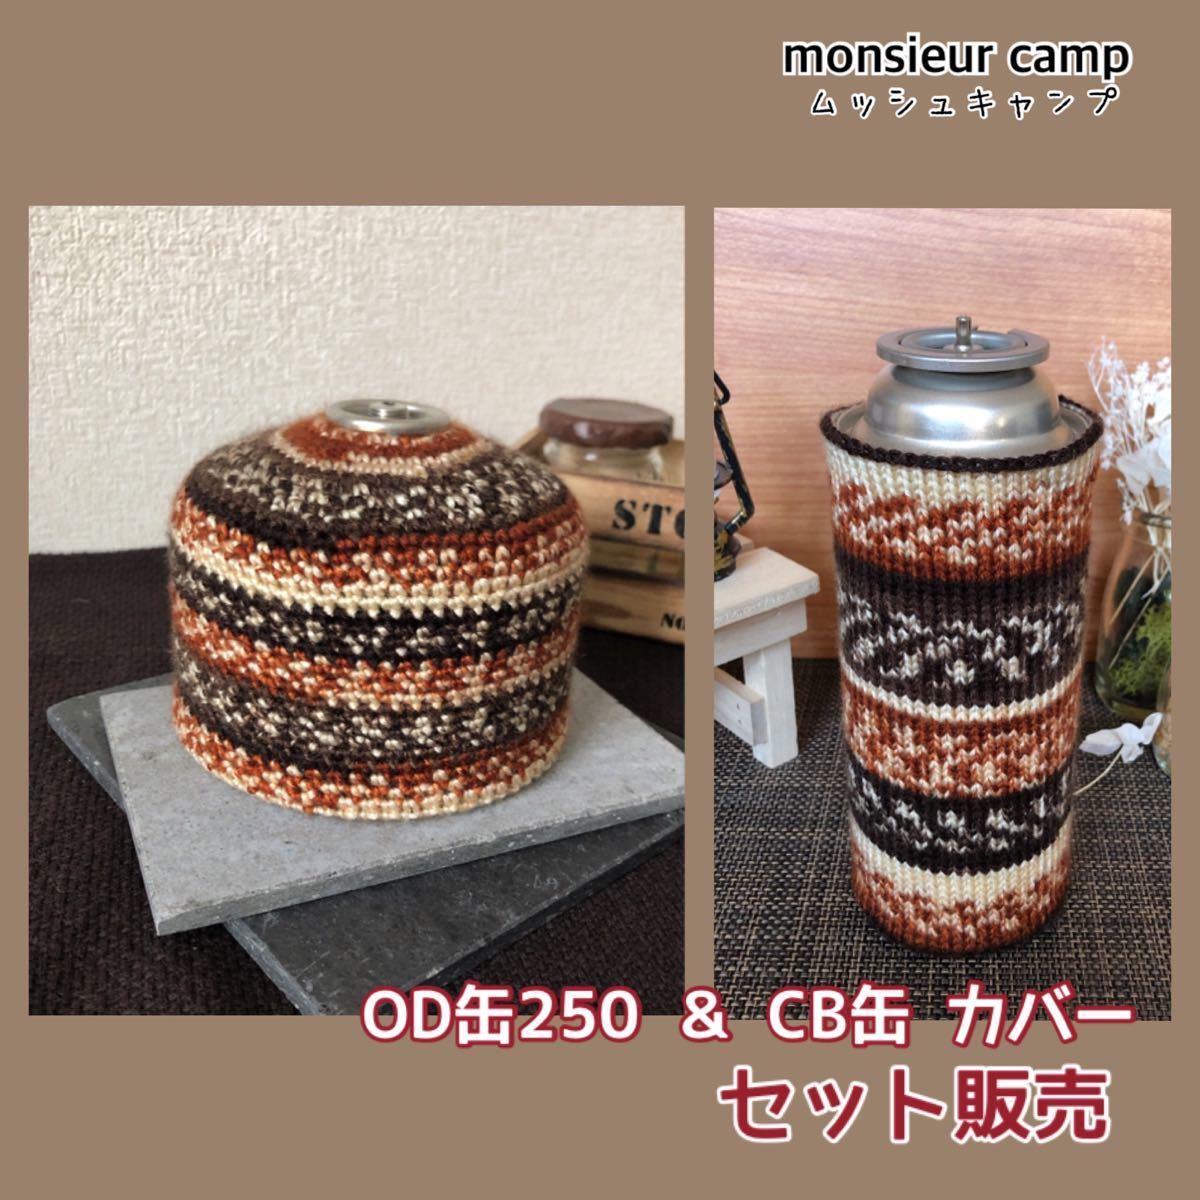 ガス缶カバー セット販売  OD缶250 CB缶